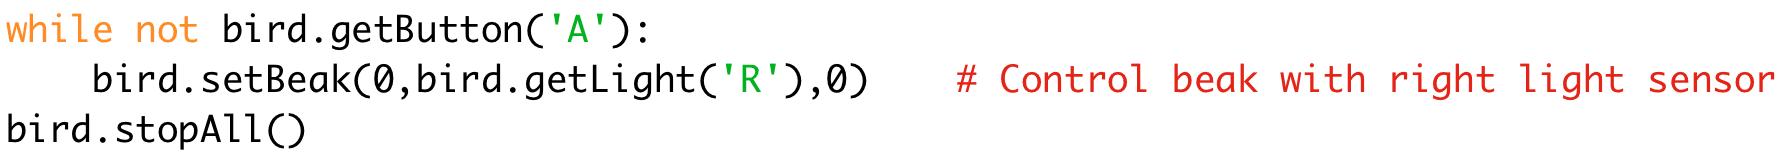 while not bird.getButton('A'):  bird.setBeak(0,bird.getLight('R'),0) # Control beak with right light sensor  bird.stopAll()